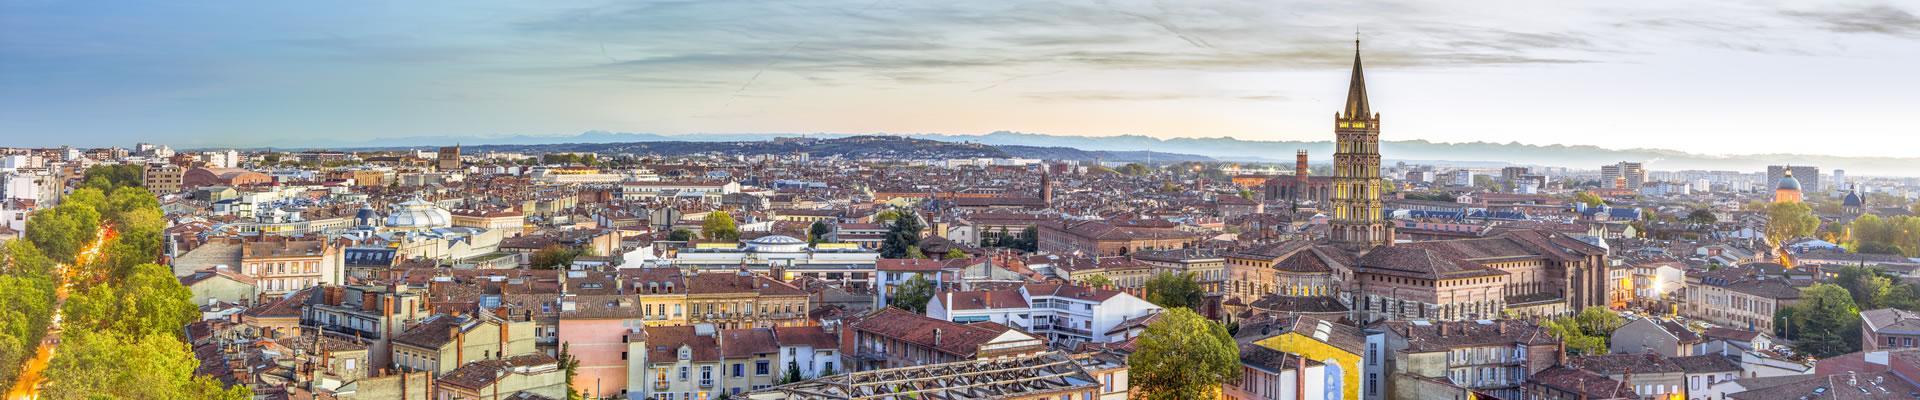 Toulouse, vue aérienne Saint-Sernin